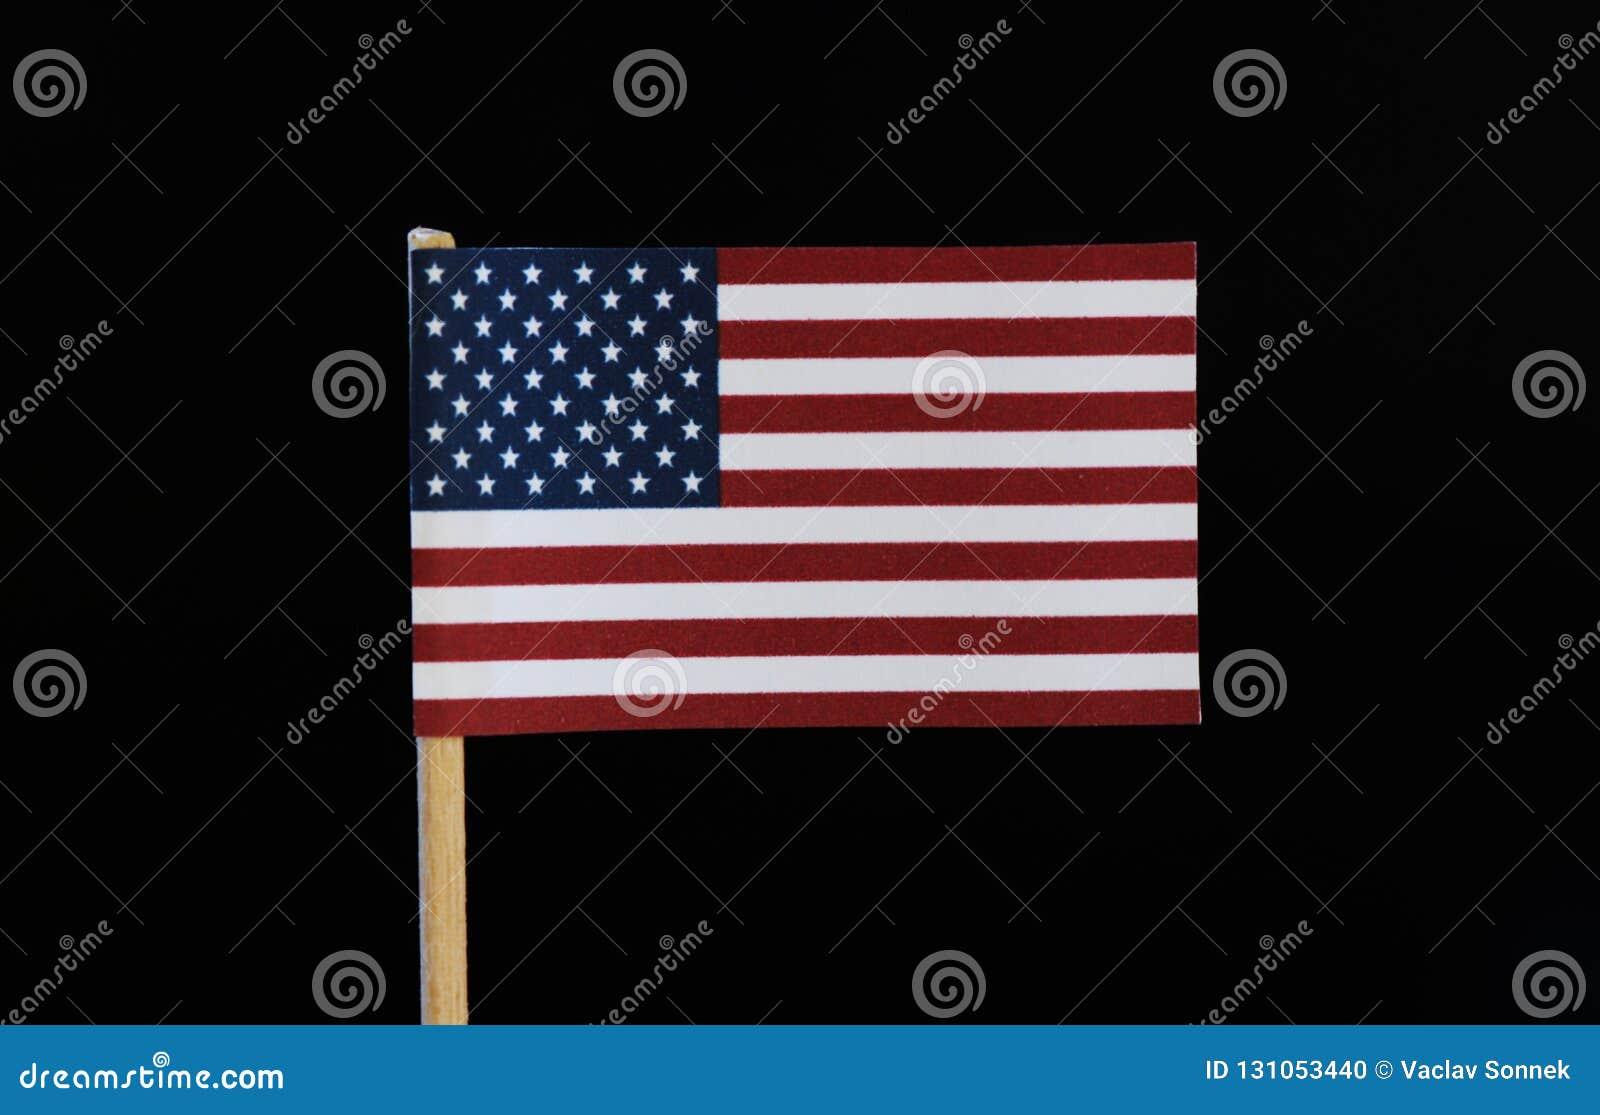 Una bandiera ufficiale di alternare orizzontale delle bande degli Stati Uniti tredici rosso e bianco nel cantone, 50 stelle bianc